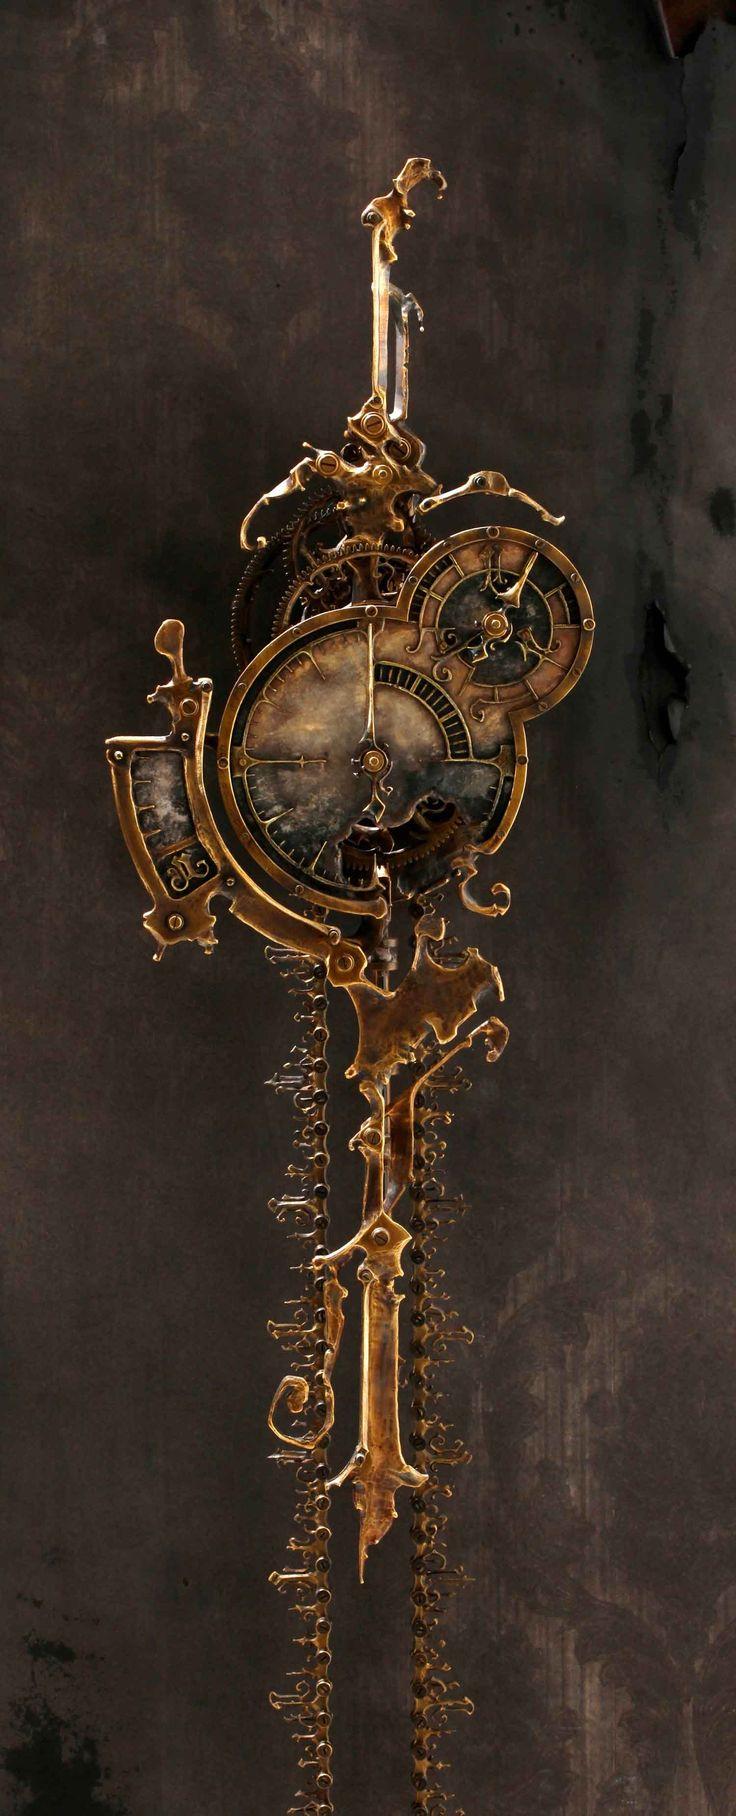 Steampunk Pendulum Clock